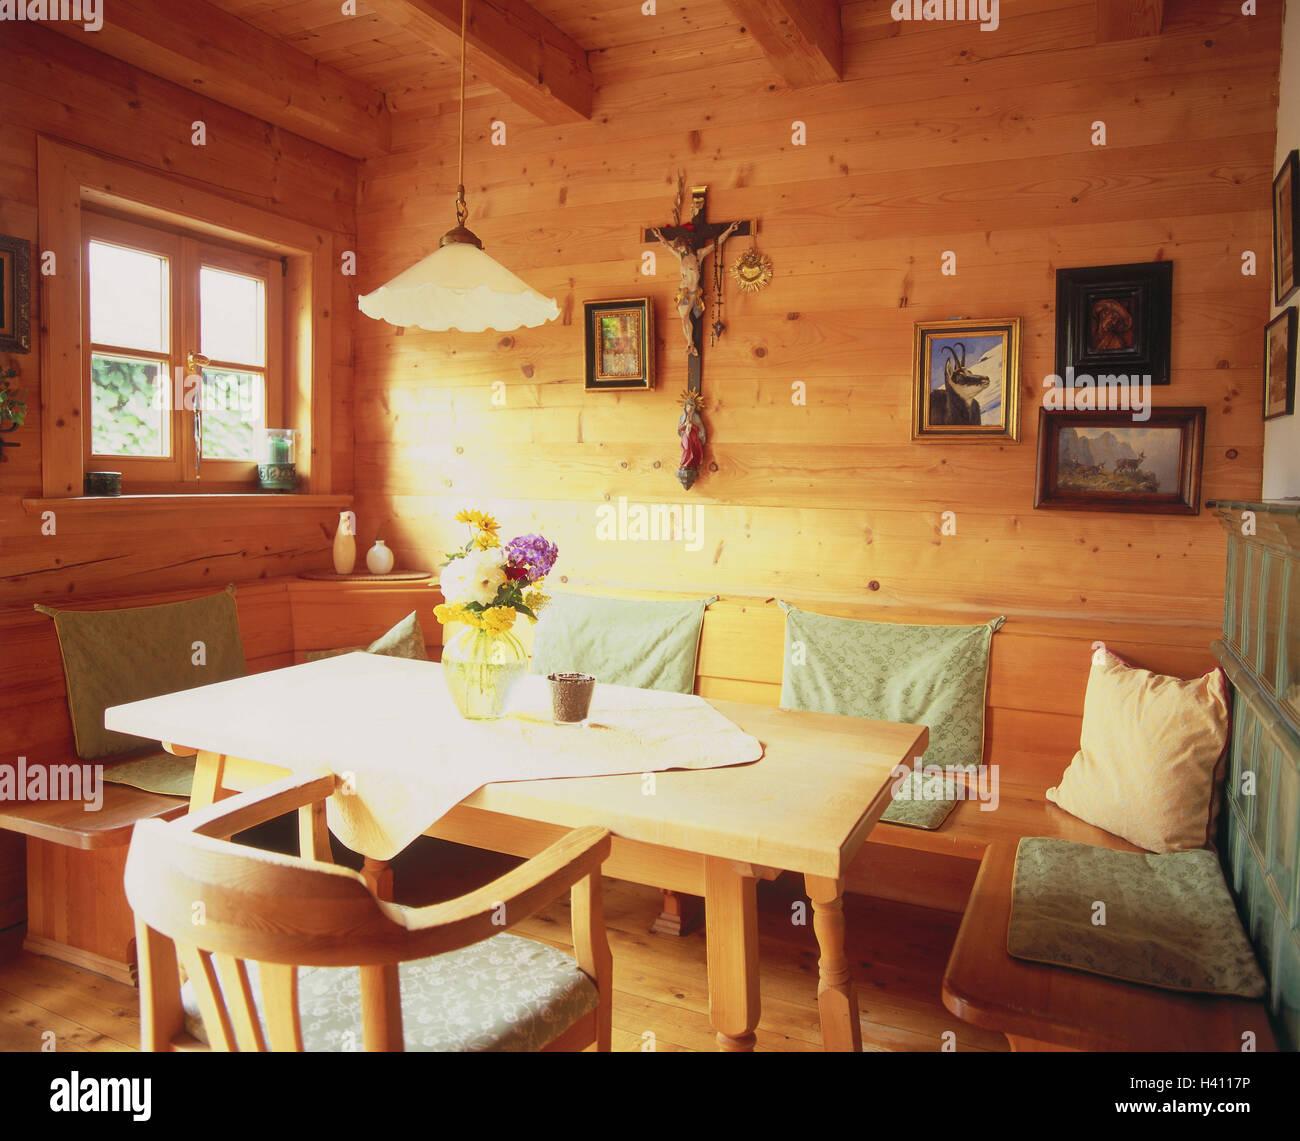 Wunderbar Detail, Zimmer, Bauernstube, Küche, Wohnraum, Wohnraum, Essecke, Eckbank,  Esstisch, Holzstück, St. Möbel, Wand, Wandbelag, Wände Aus Holz, Aus Holz,  ...